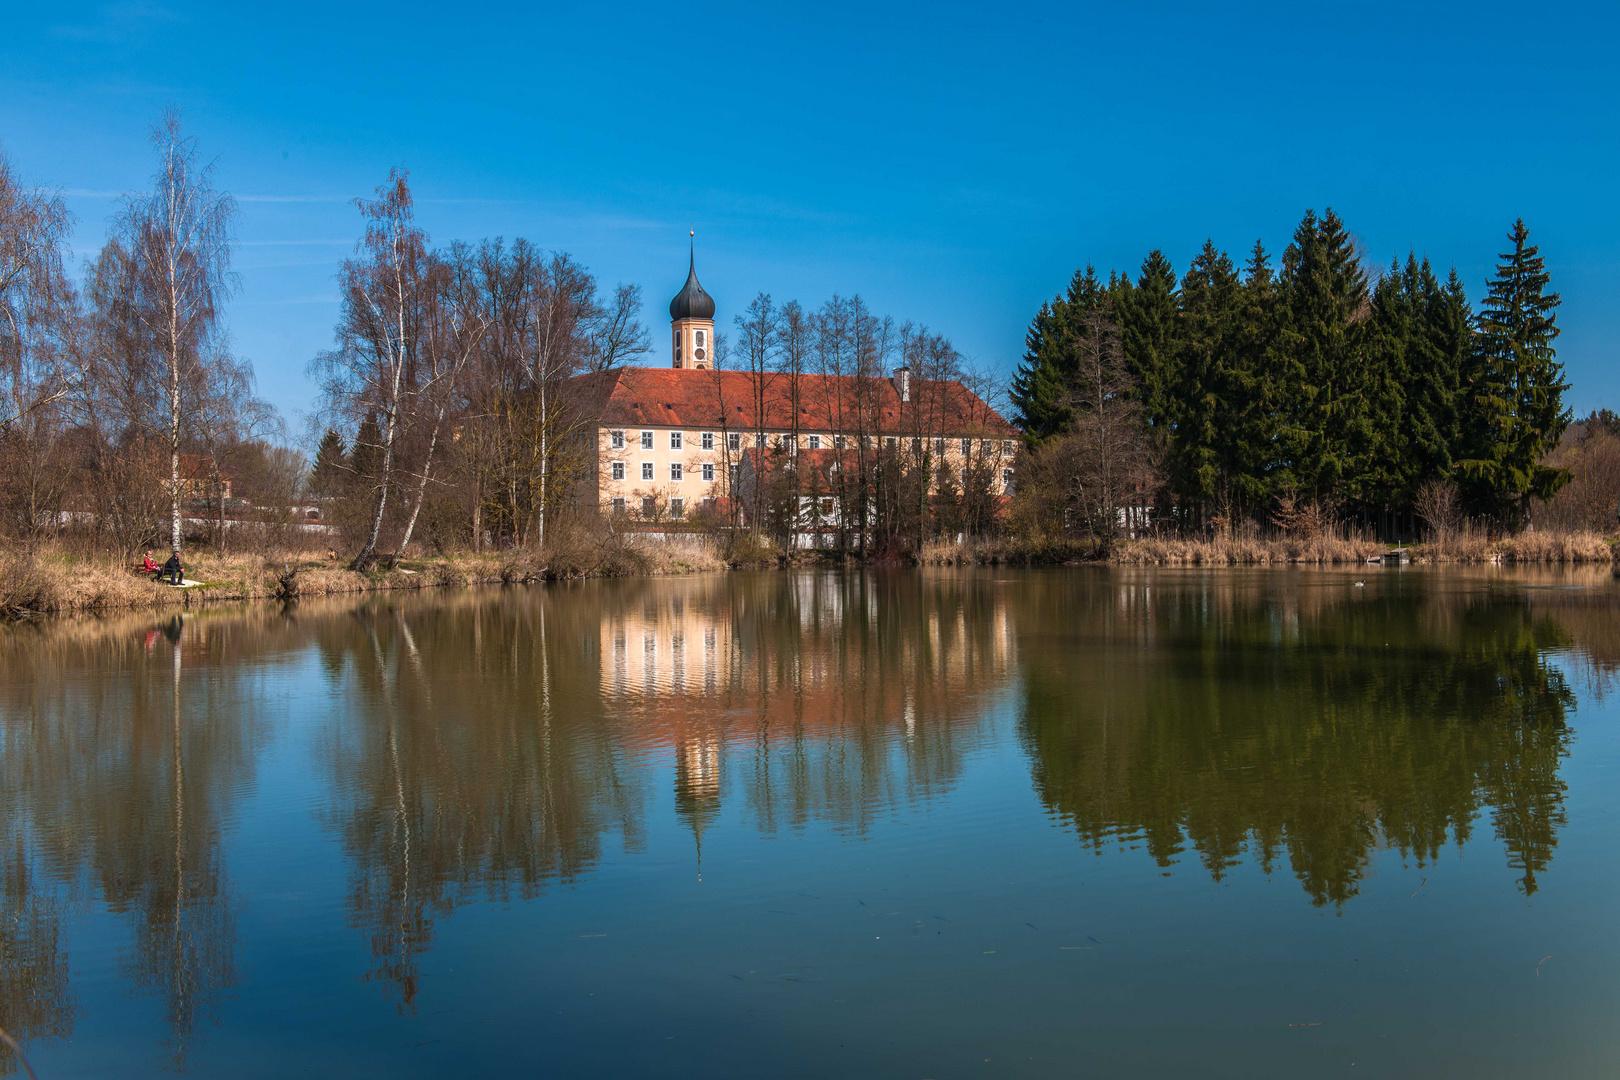 Der Klosterweiher - Abtei Oberschönenfeld